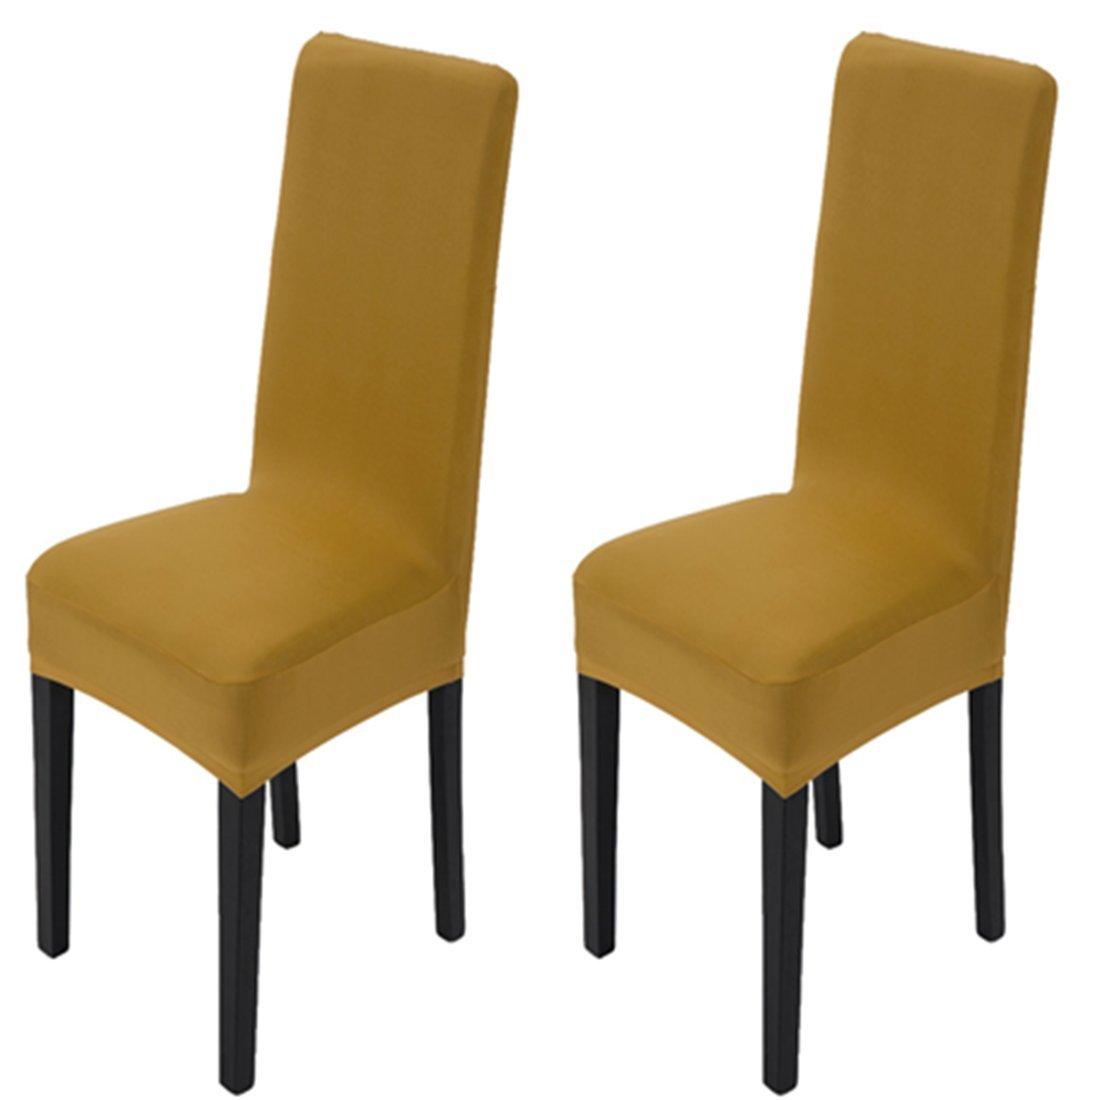 Housses de chaise de salle /à manger Maikehome Pure Couleur Spandex stretch teints Chaise de cuisine Housses pour h/ôtel Restaurant f/ête de mariage D/écor